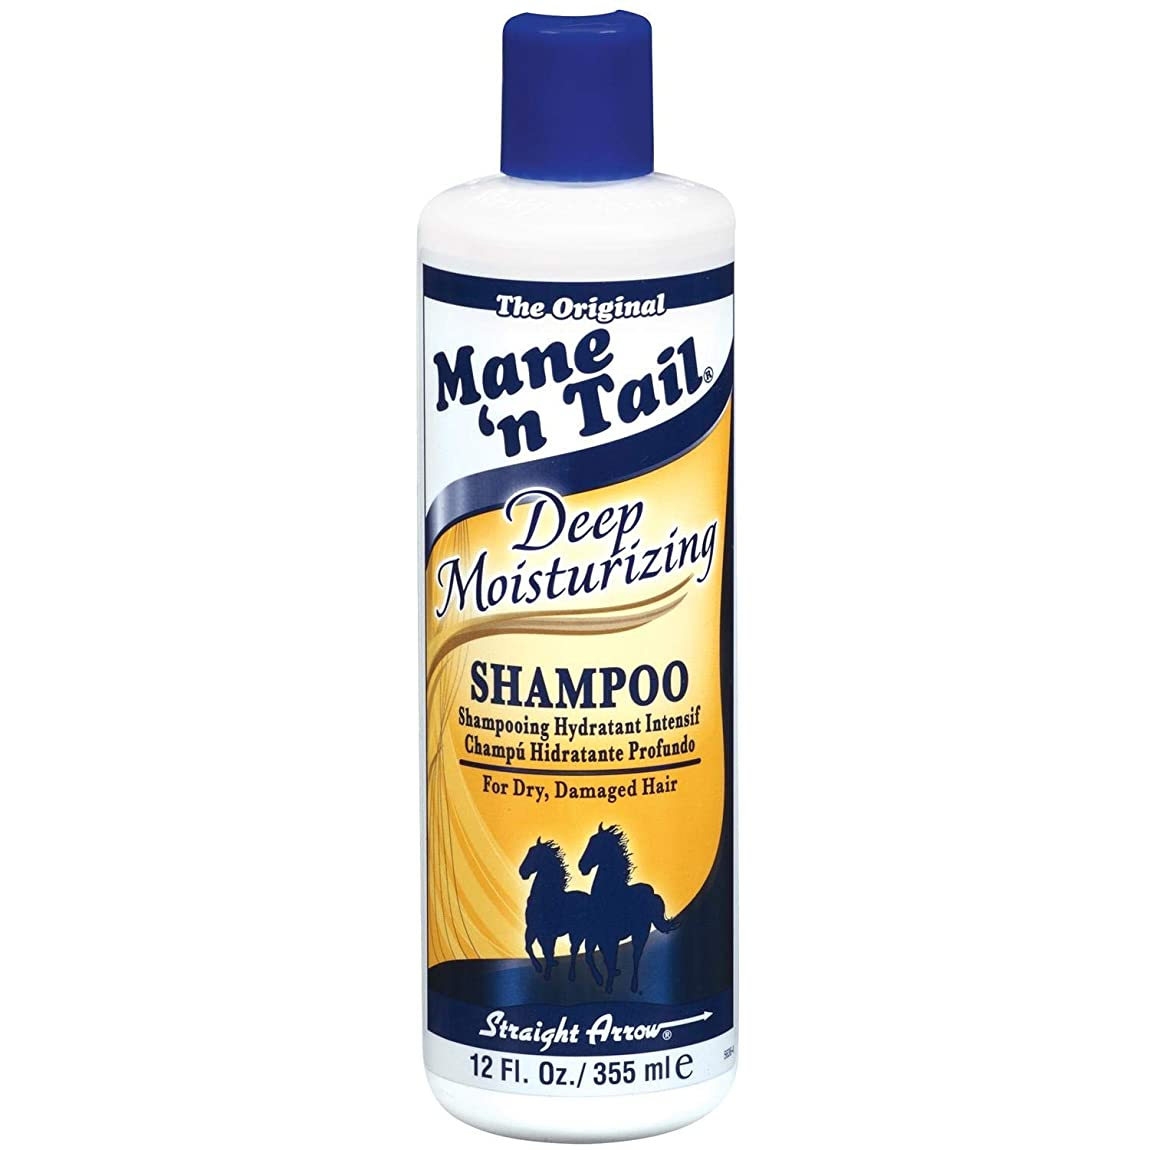 学校教育大使館ペストリー(馬のたてがみ メインテイル ディープ モイスチャライジング 乾燥髪?傷んだ髪用 シャンプー)Mane'n Tail Deep Moisturizing Shampoo (並行輸入品) [並行輸入品]